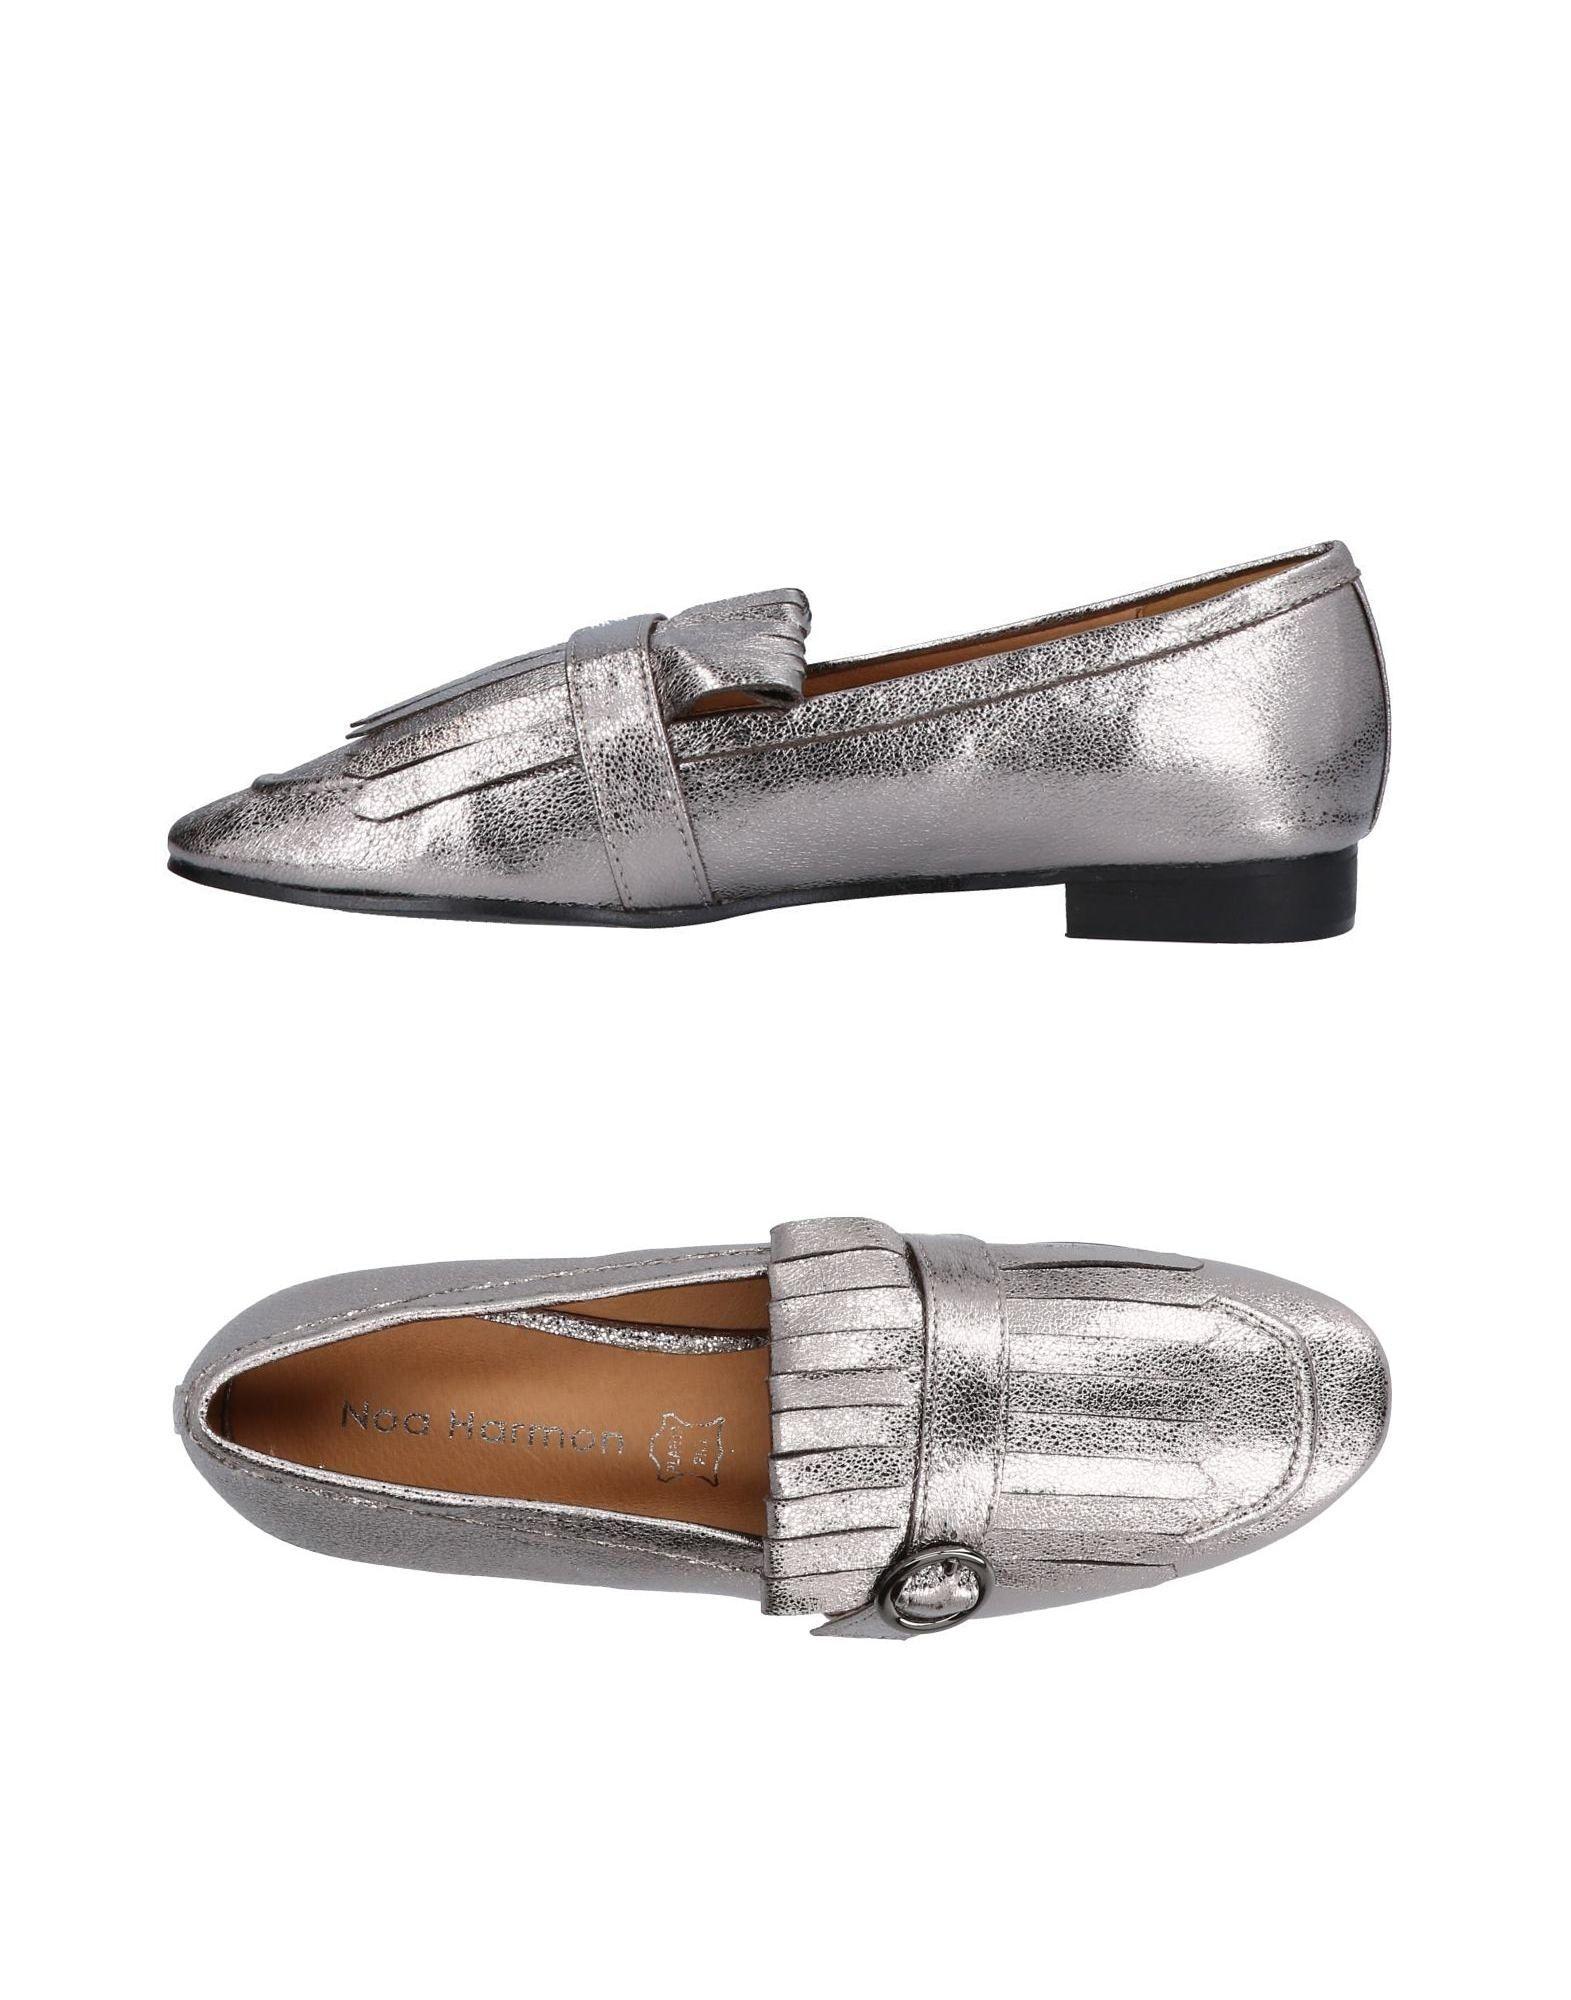 Noa Harmon Mokassins Damen  11457961TF Gute Qualität beliebte Schuhe